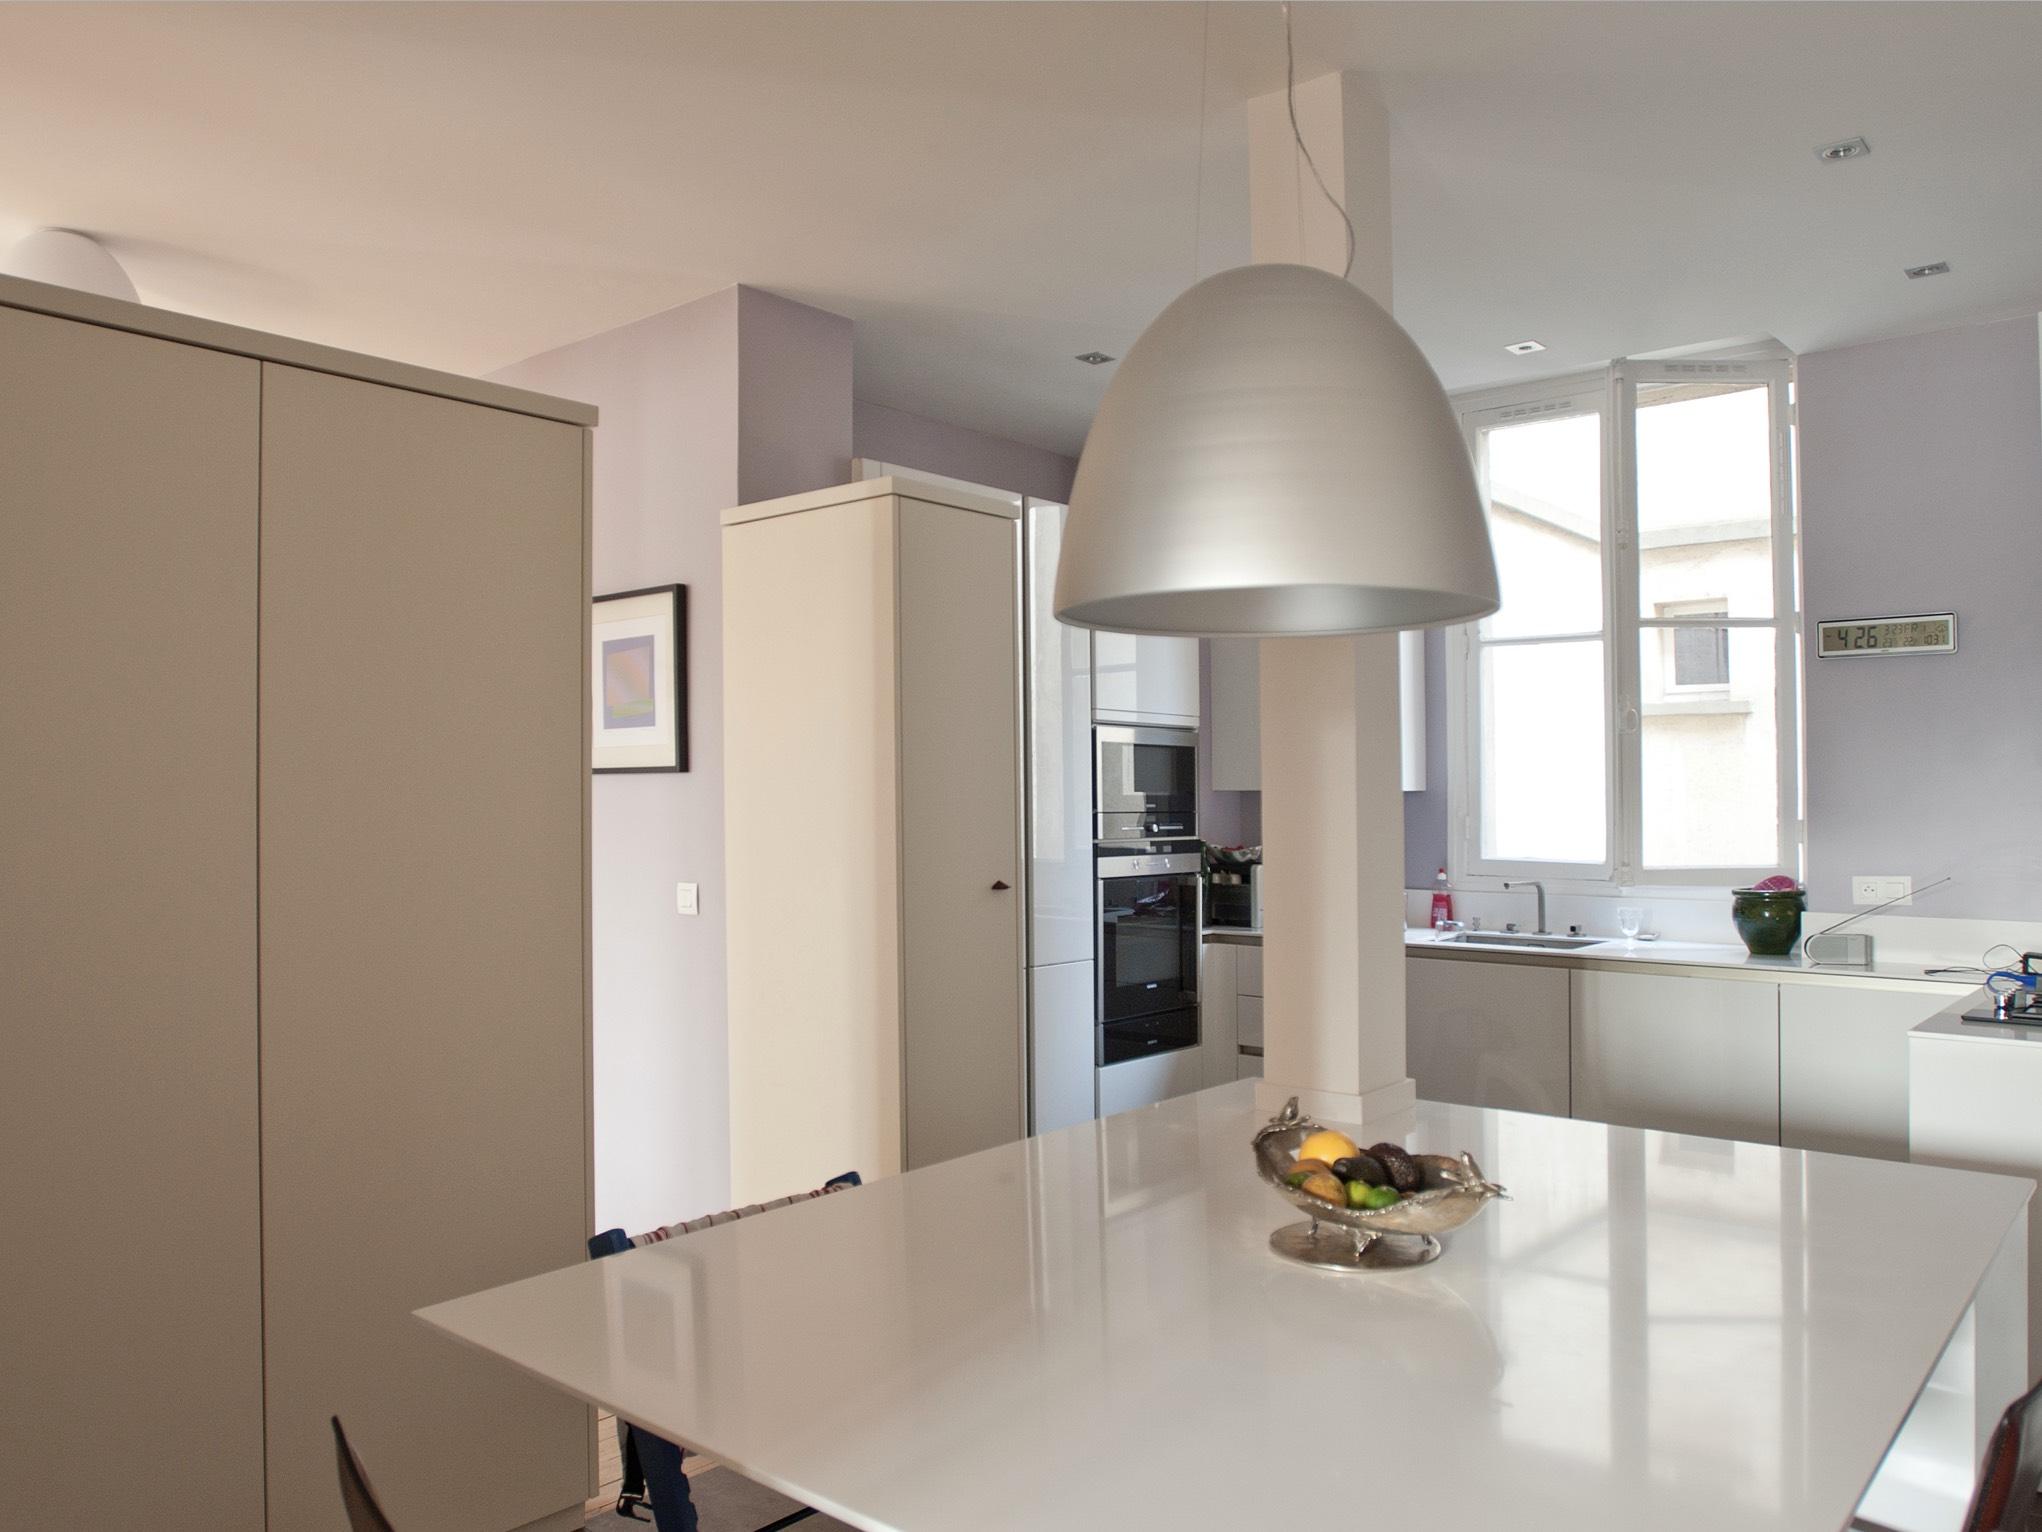 Rénovation complète d'un appartement de 150m2 avec l'architecte Thibaut de Montmarin